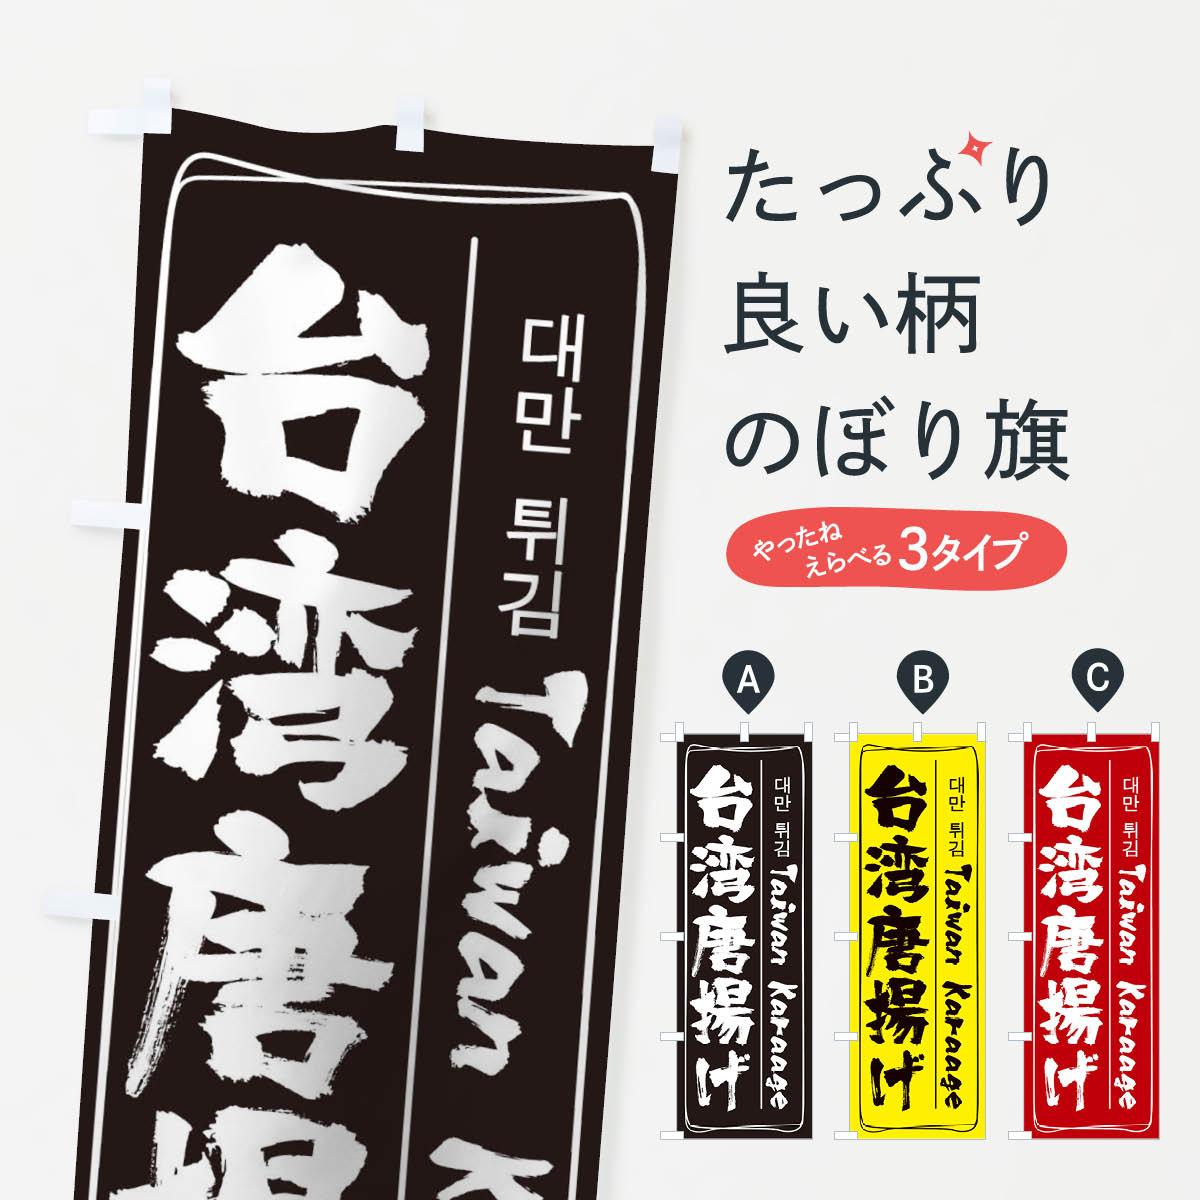 のぼり 横幕 台湾からあげ 低価格に対して高品質とデザイン性で選ばれてます 各サイズや仕様にも対応 台湾からあげのぼり 唐揚げ TRW6 ネコポス送料360 捧呈 期間限定の激安セール のぼり旗